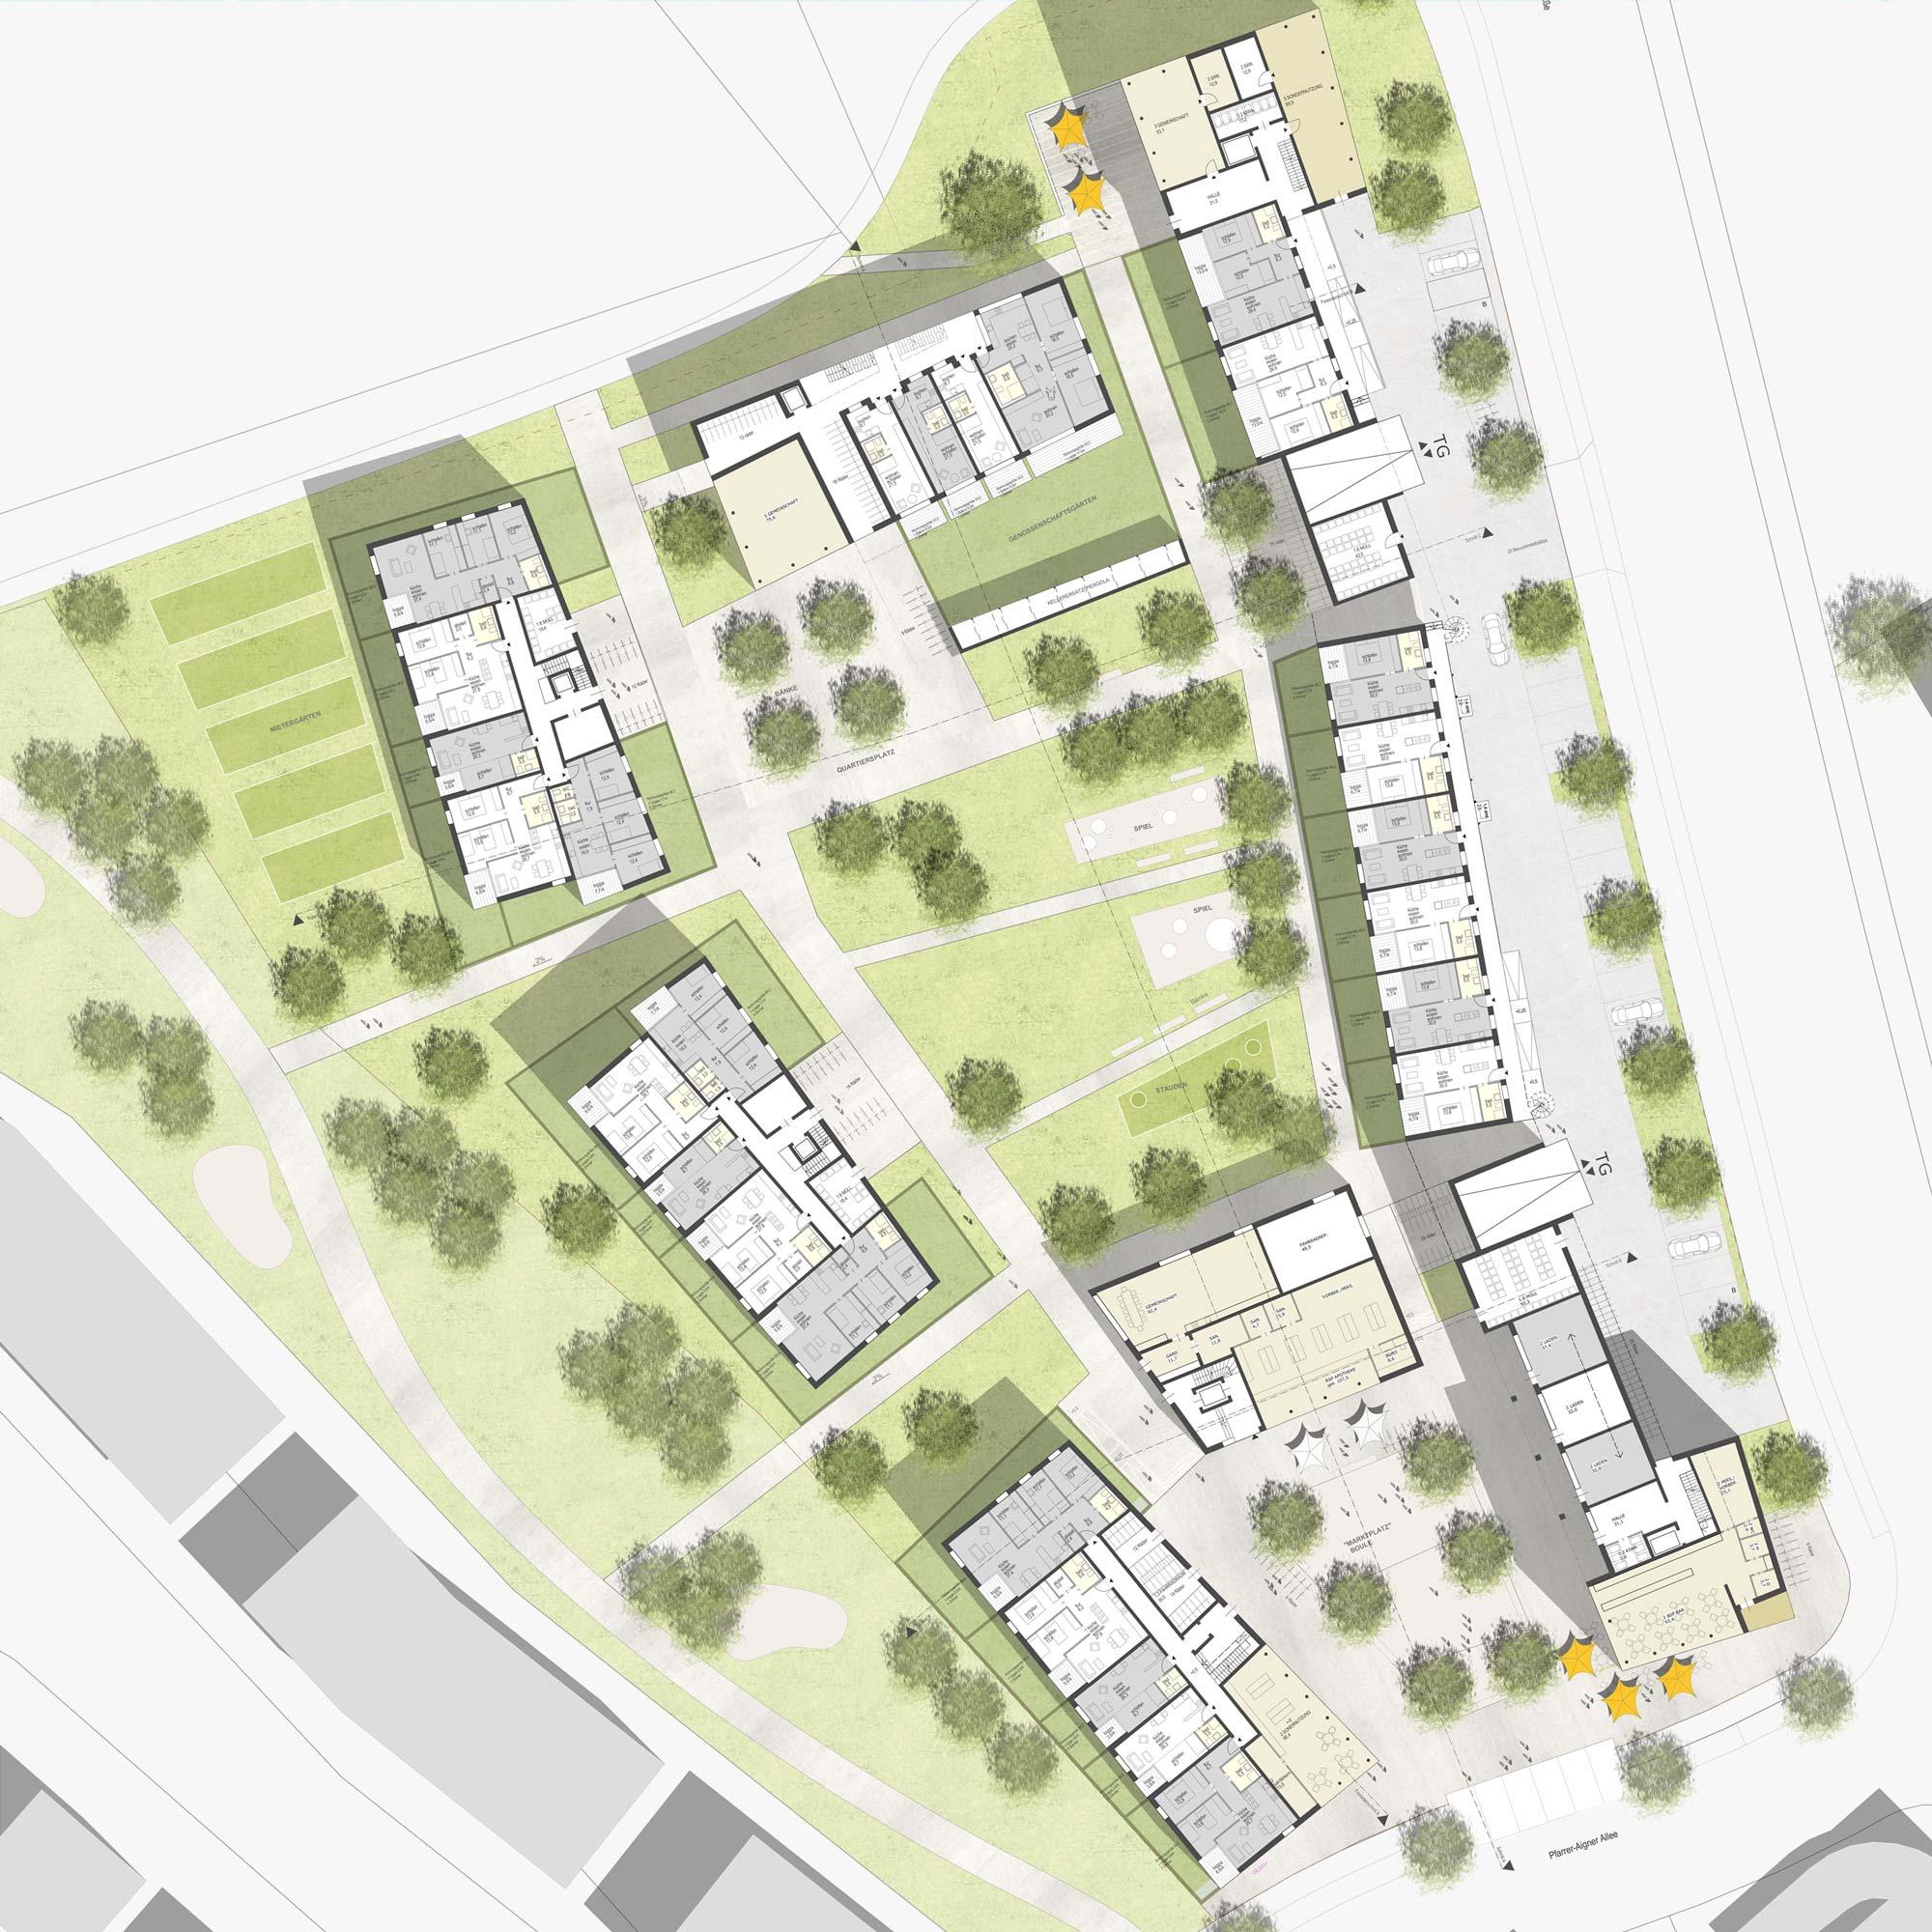 Wohnbebauung Nordwest Vaterstetten - Städtebau - Grundriss